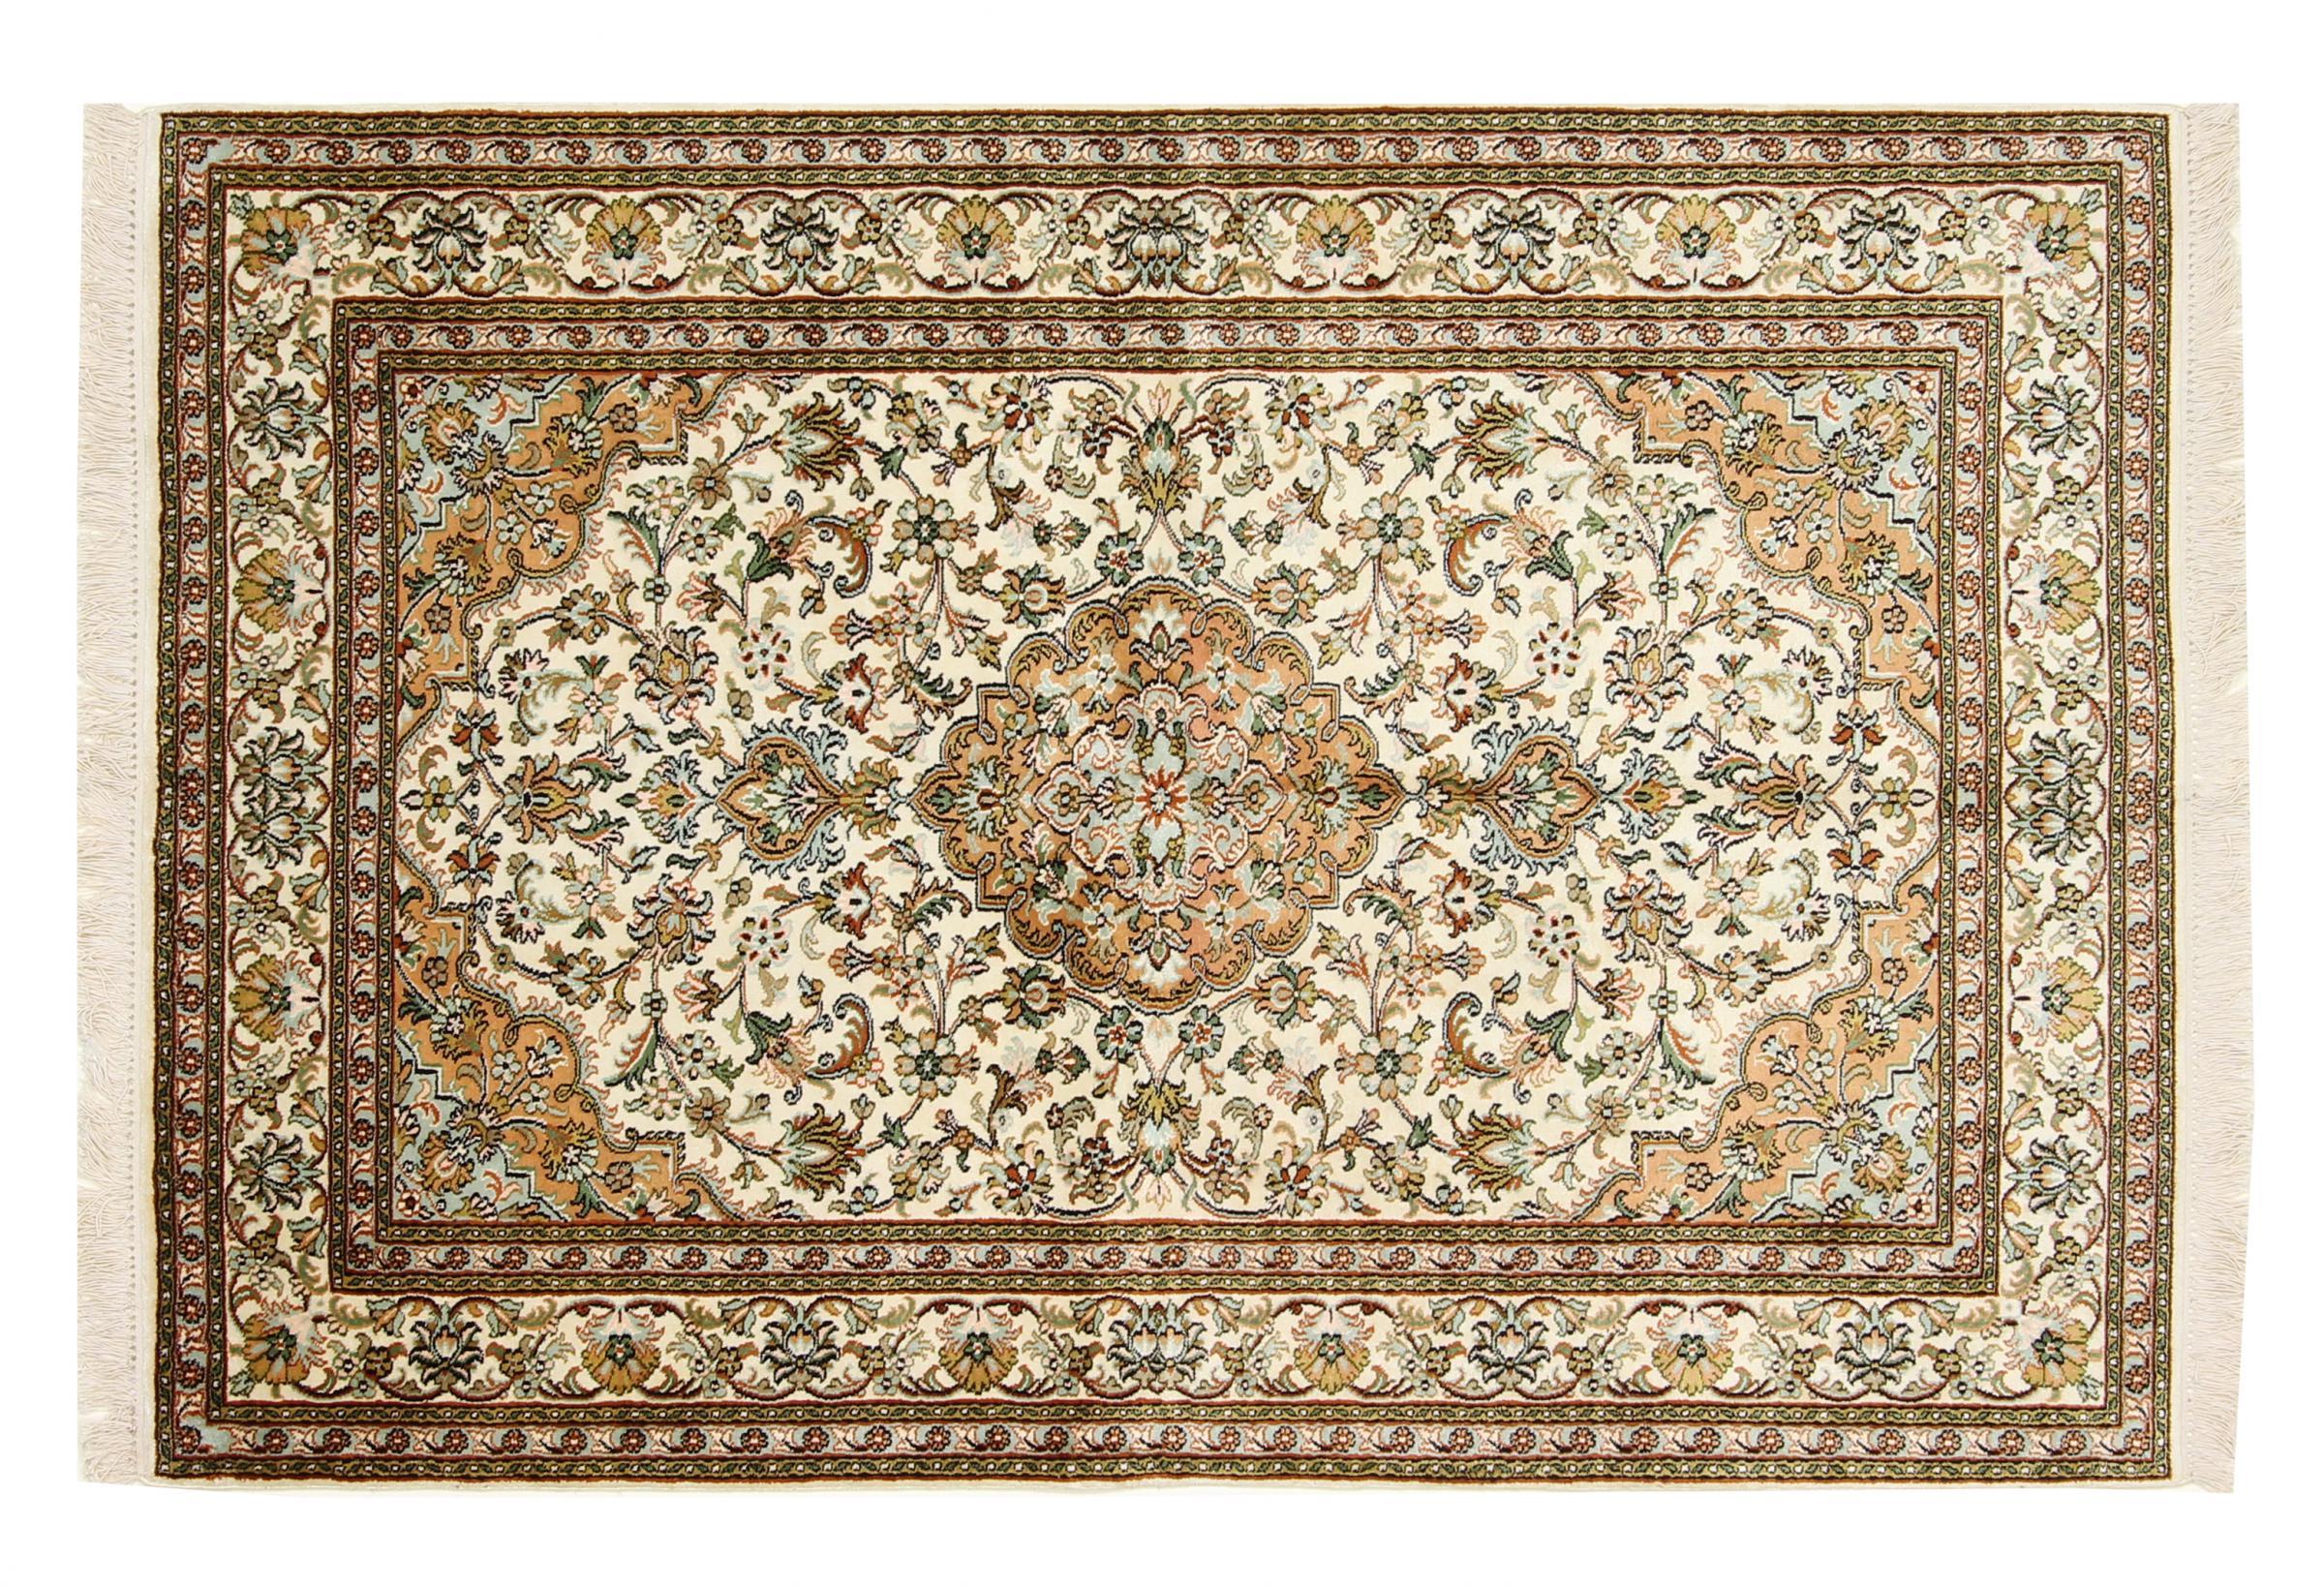 kaschmir reine seide indischer teppich 183x122 id33737 kaufen sie ihren orientteppich k. Black Bedroom Furniture Sets. Home Design Ideas